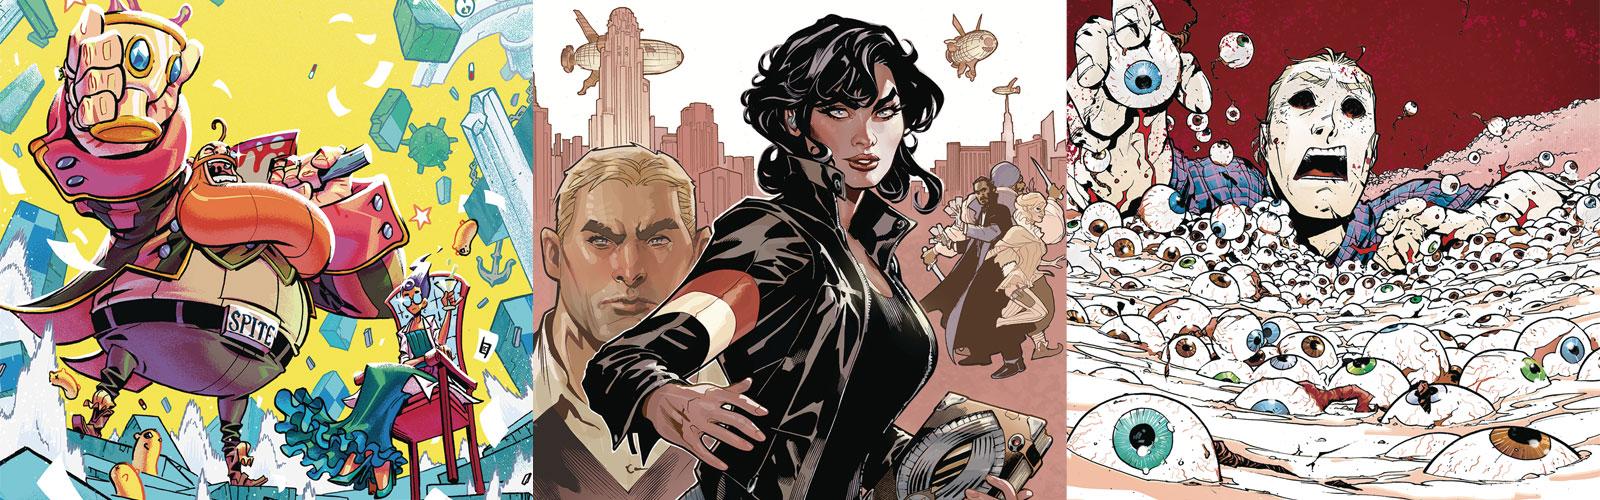 Solicitations: April 2020 – Image Comics